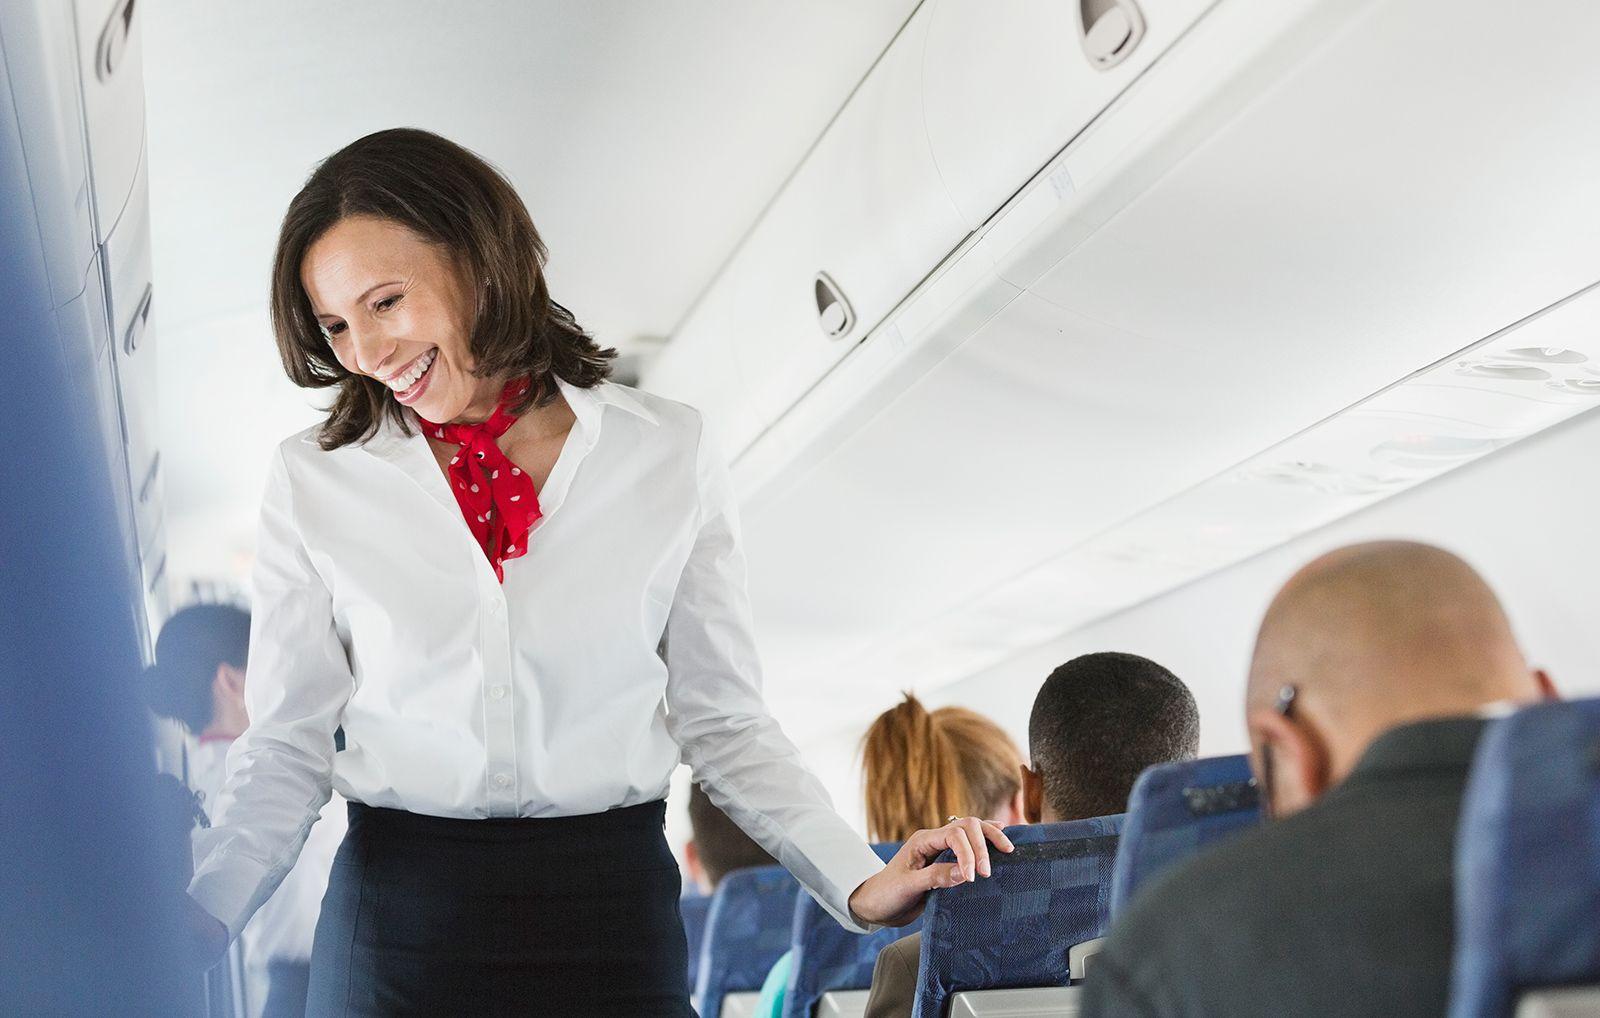 Flight attendant hookup stories